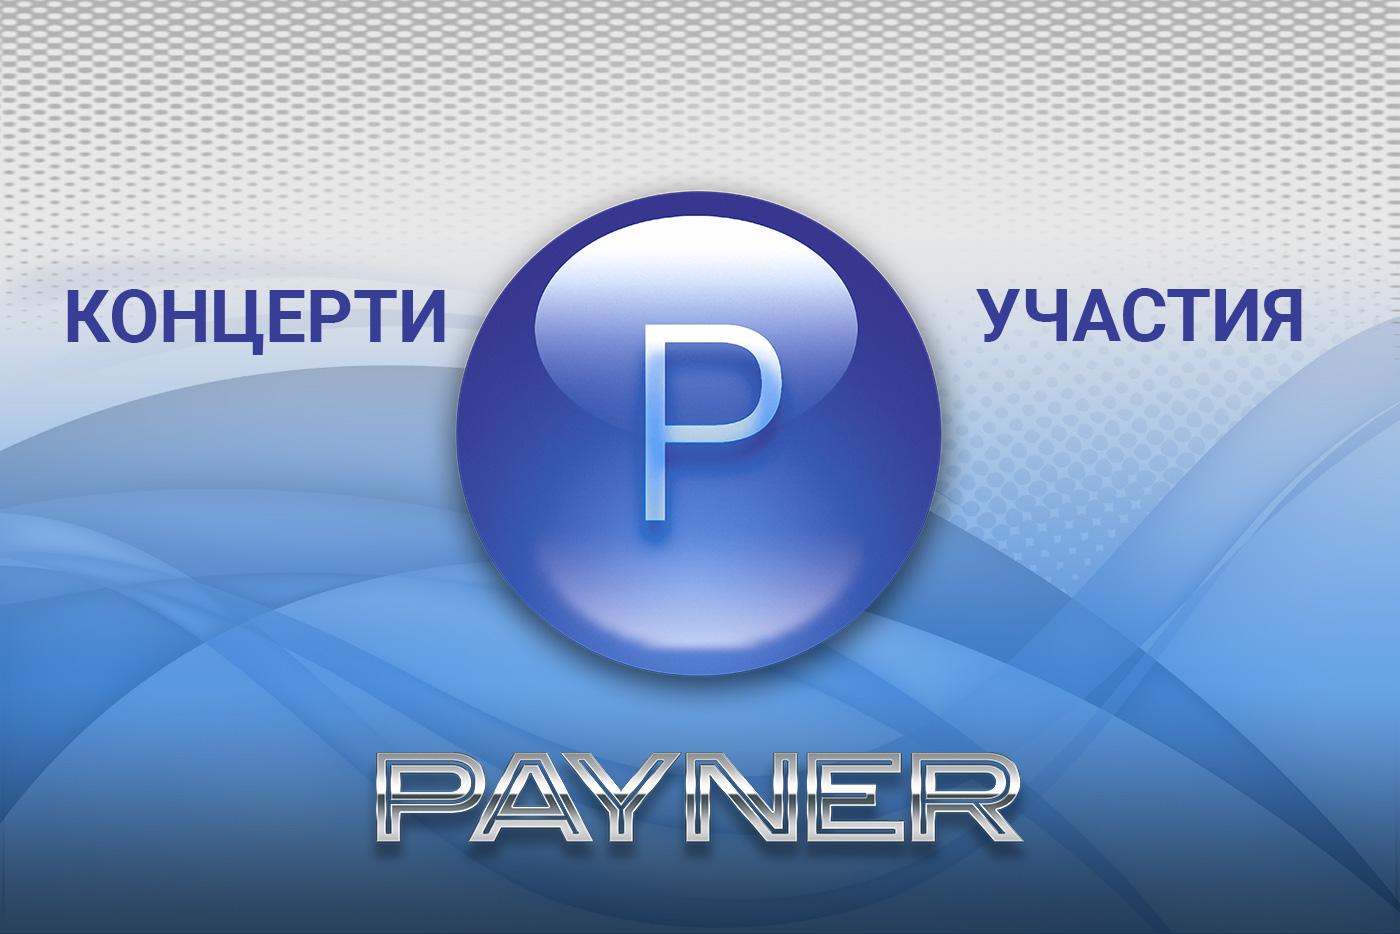 """Участия на звездите на """"Пайнер"""" на 19.08.2019"""